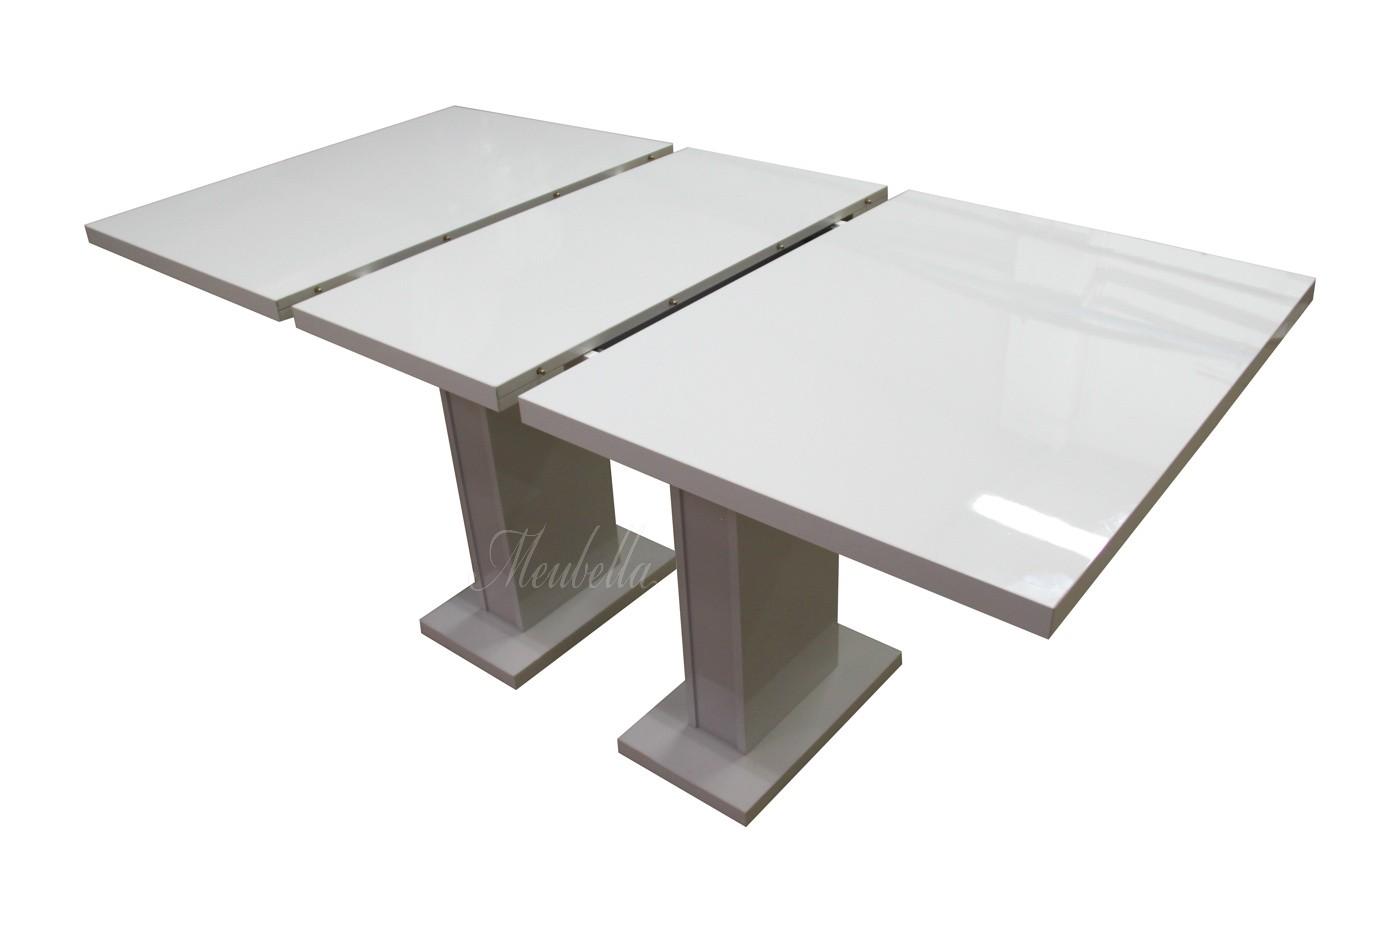 Eetkamertafel Glamour 160 - Wit - Uitschuifbaar  Meubella